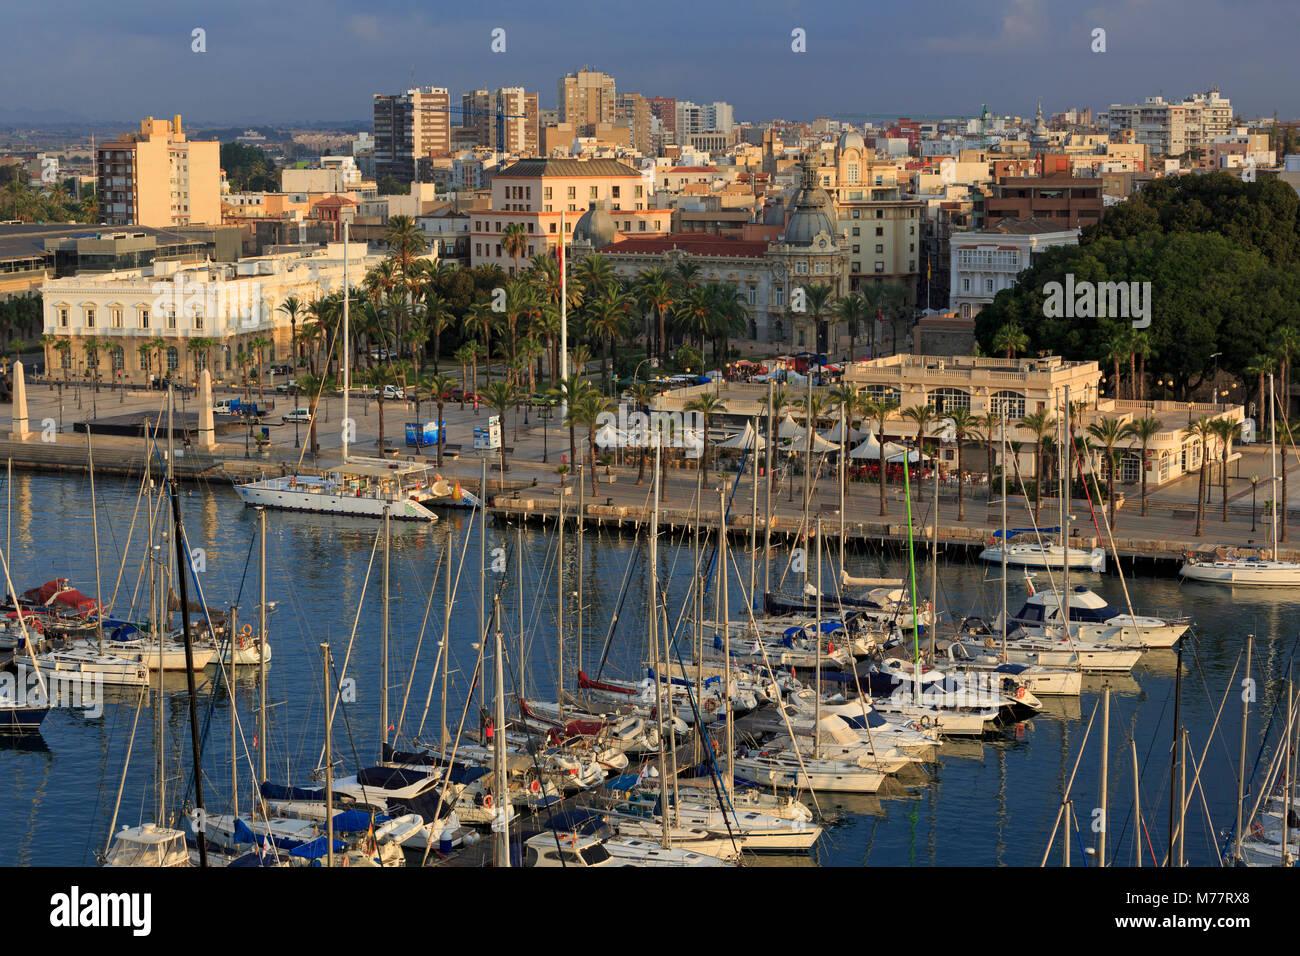 Marina, Hafen von Cartagena, Murcia, Spanien, Europa Stockbild